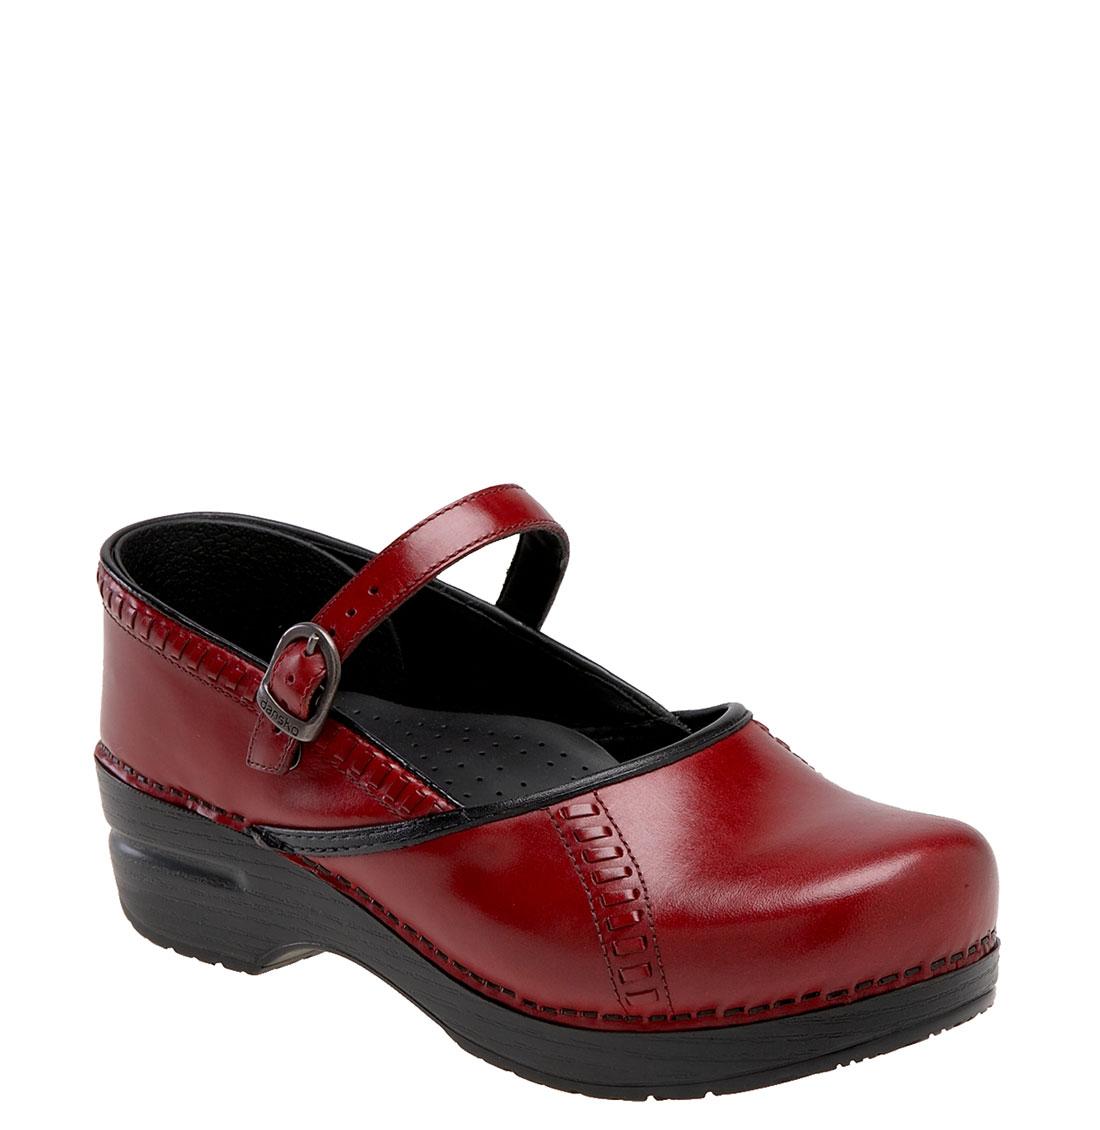 Dansko Mary Jane Shoes On Sale